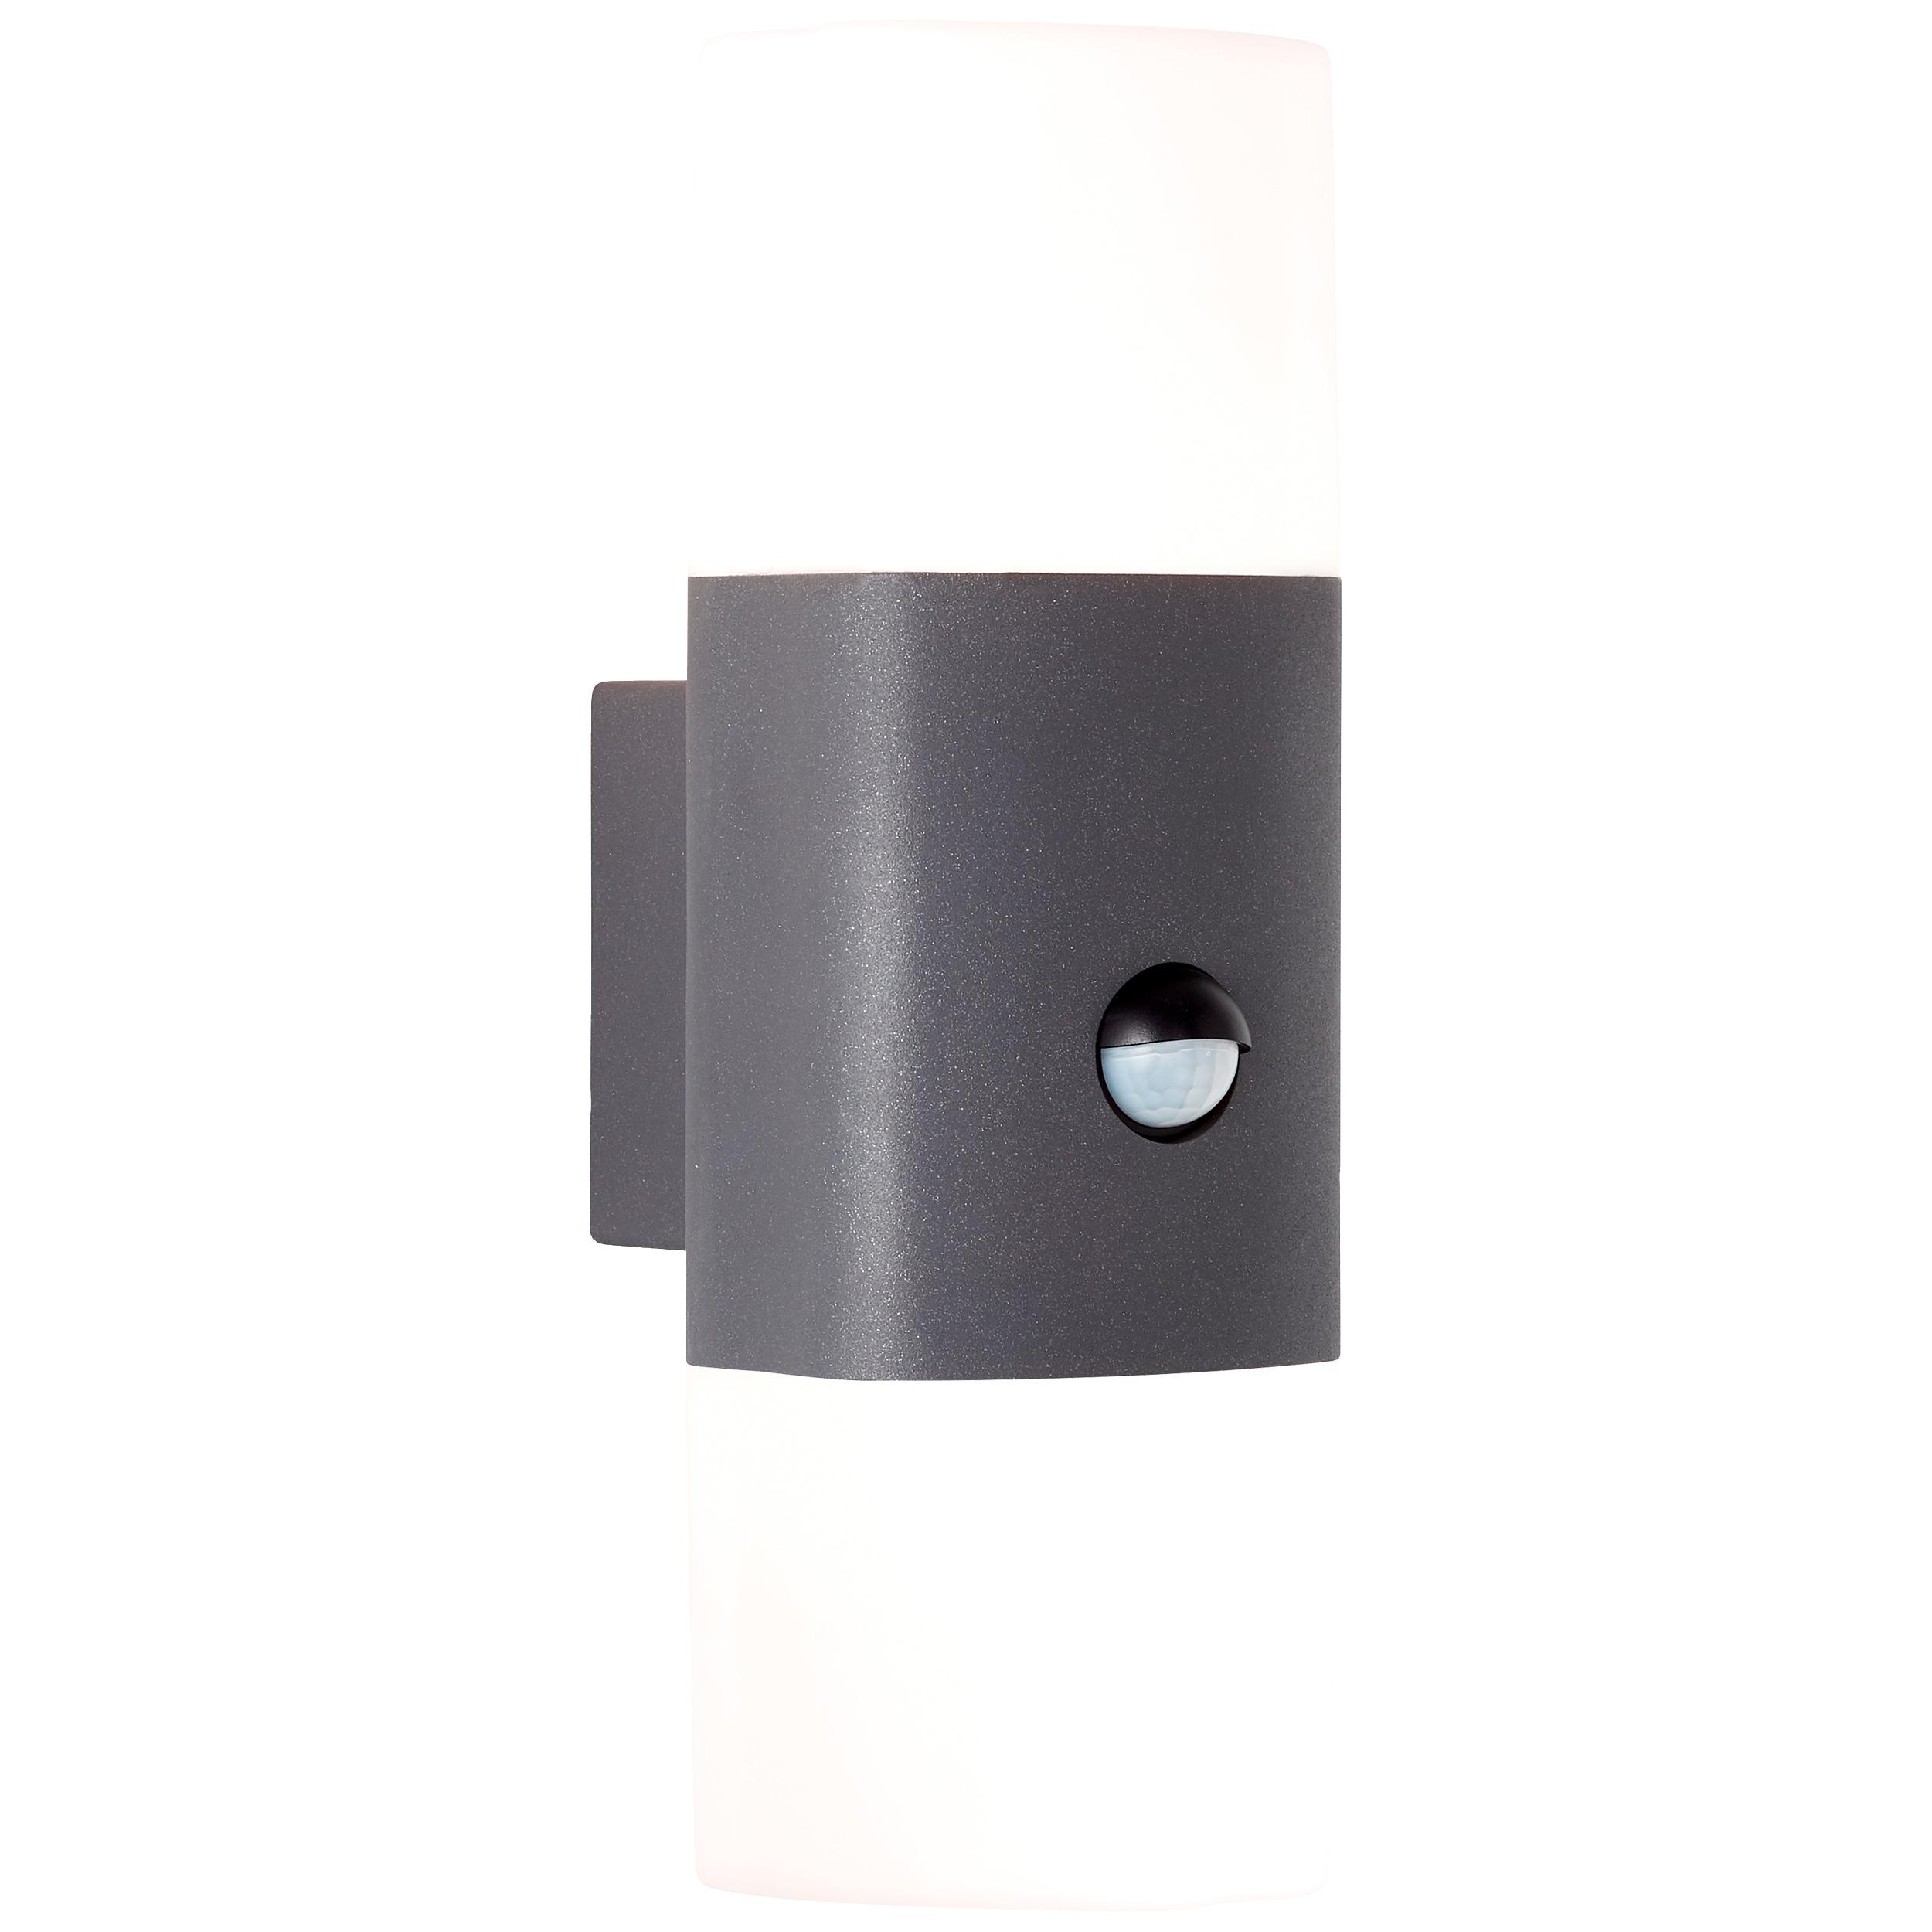 AEG Farlay LED Außenwandleuchte 2flg Bewegungsmelder anthrazit